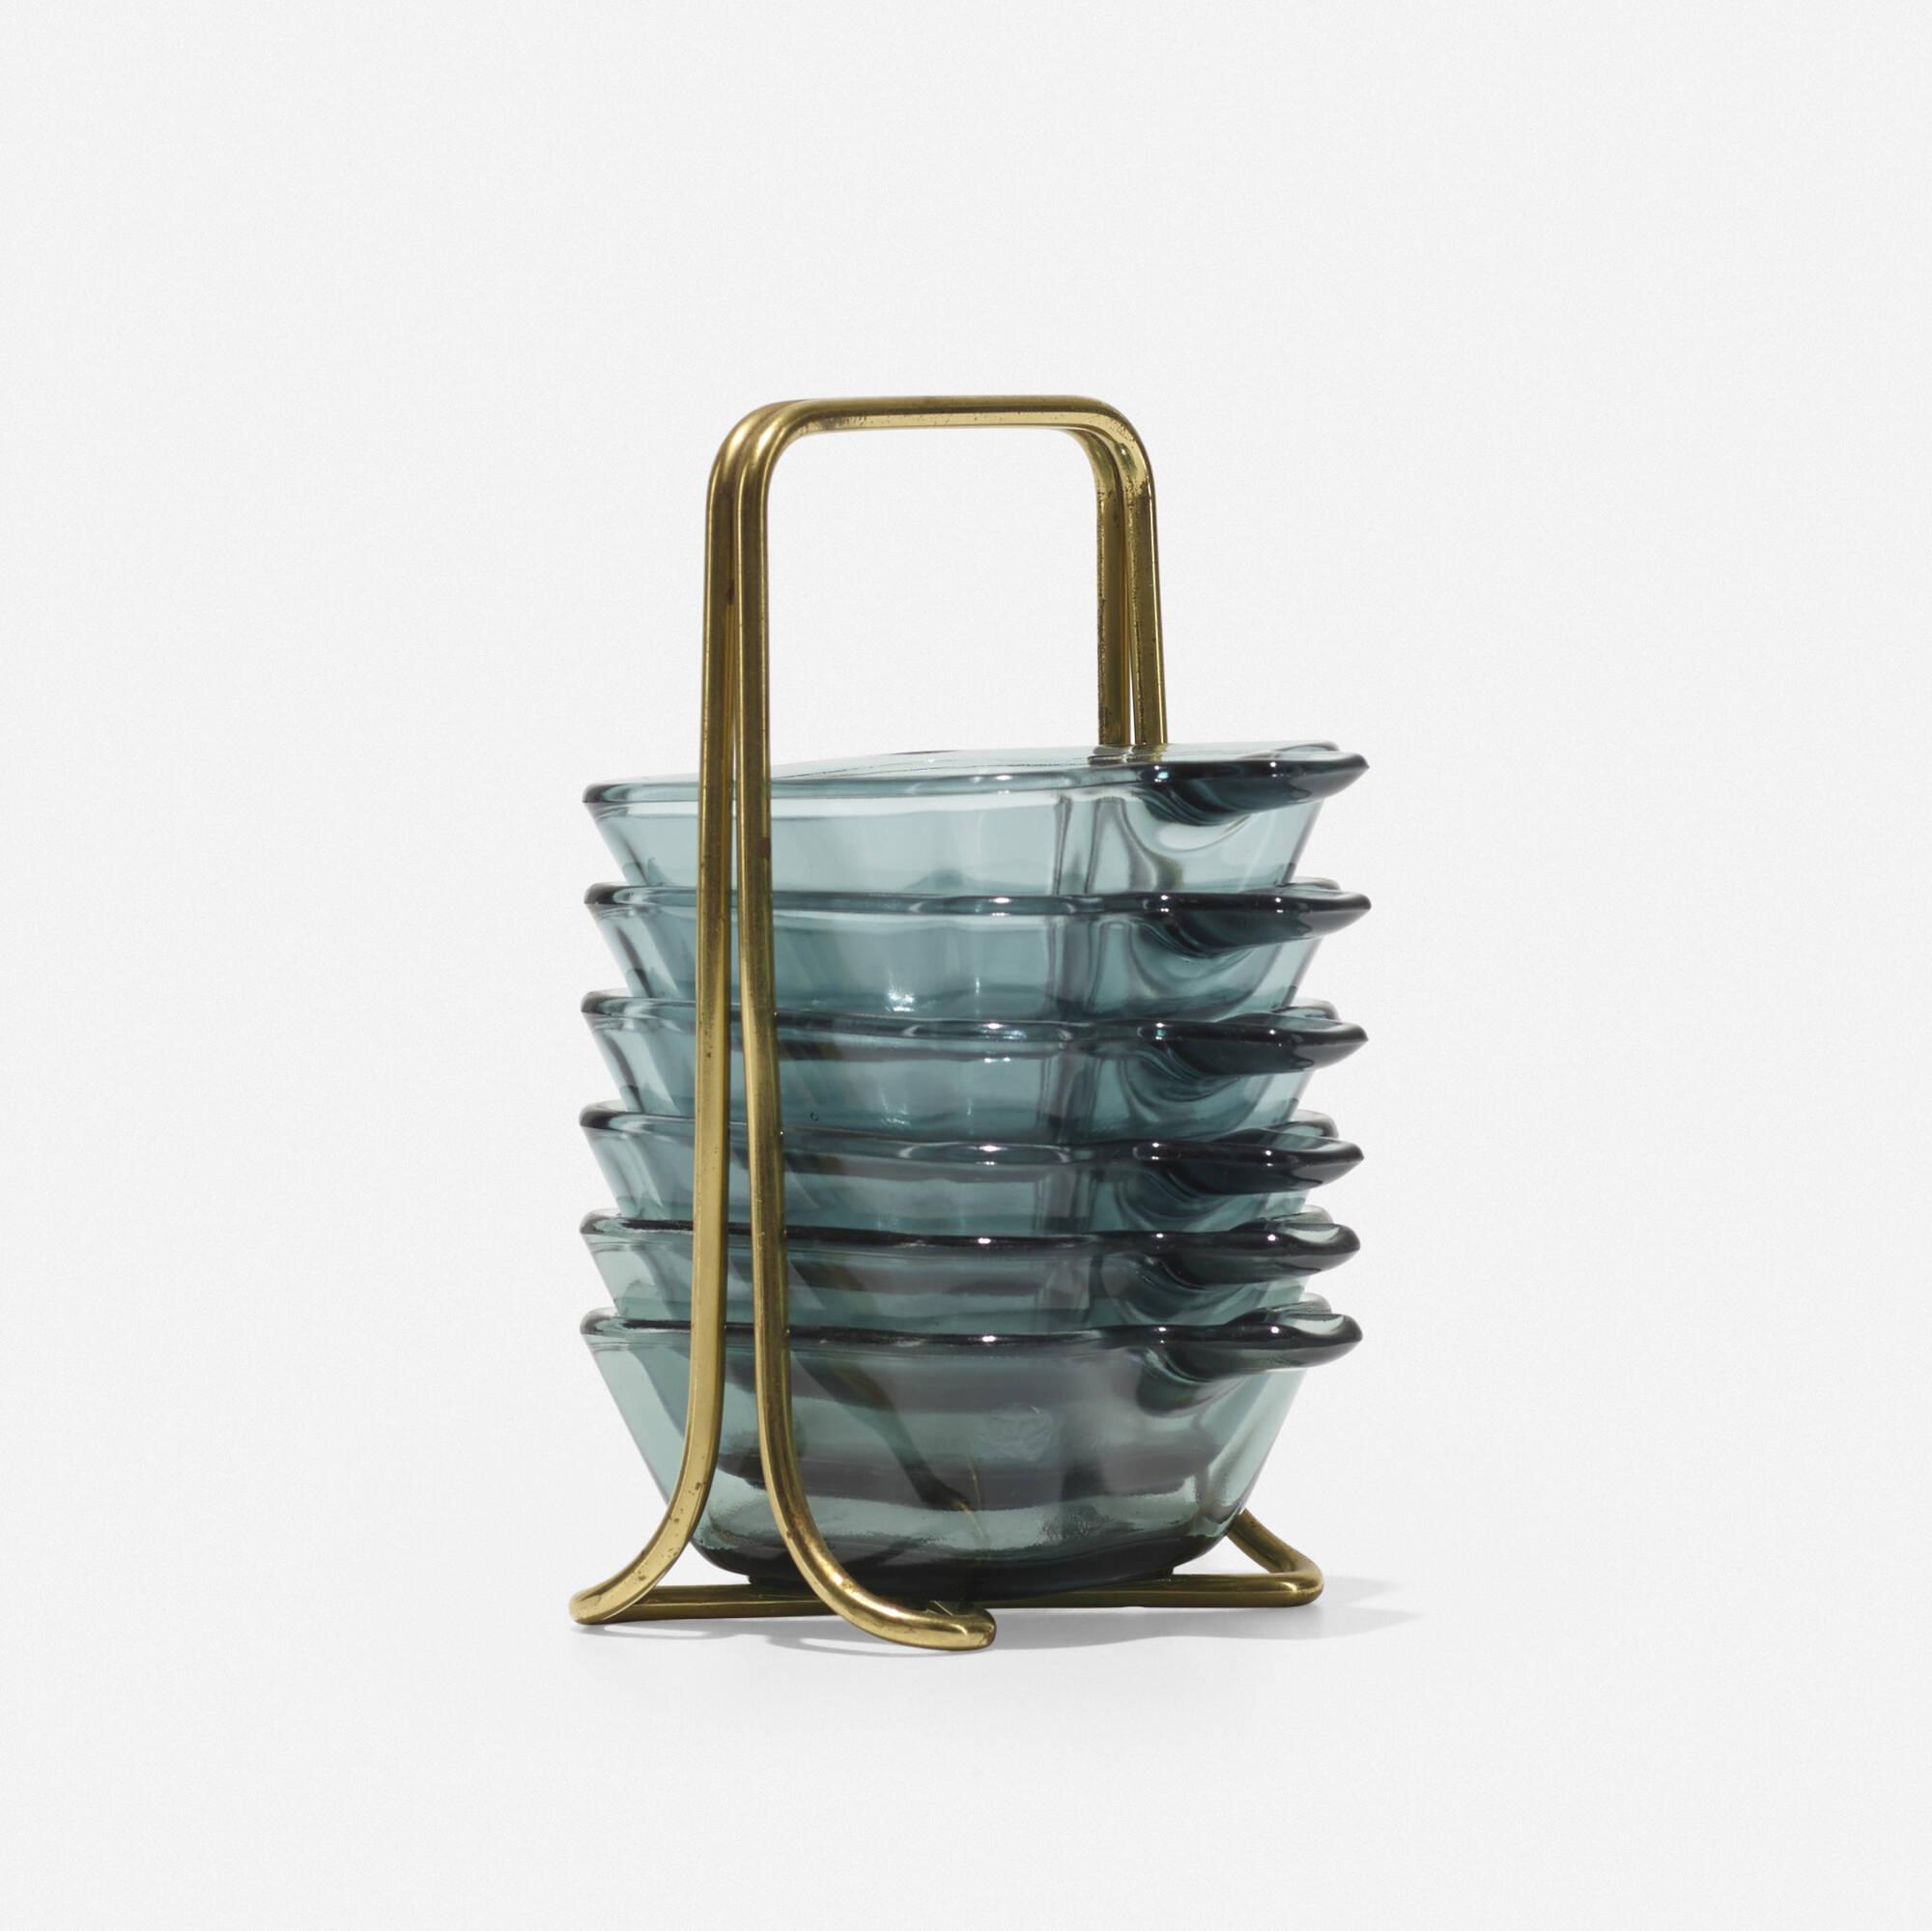 433: Wilhelm Wagenfeld / Pile ashtray set (2 of 2)